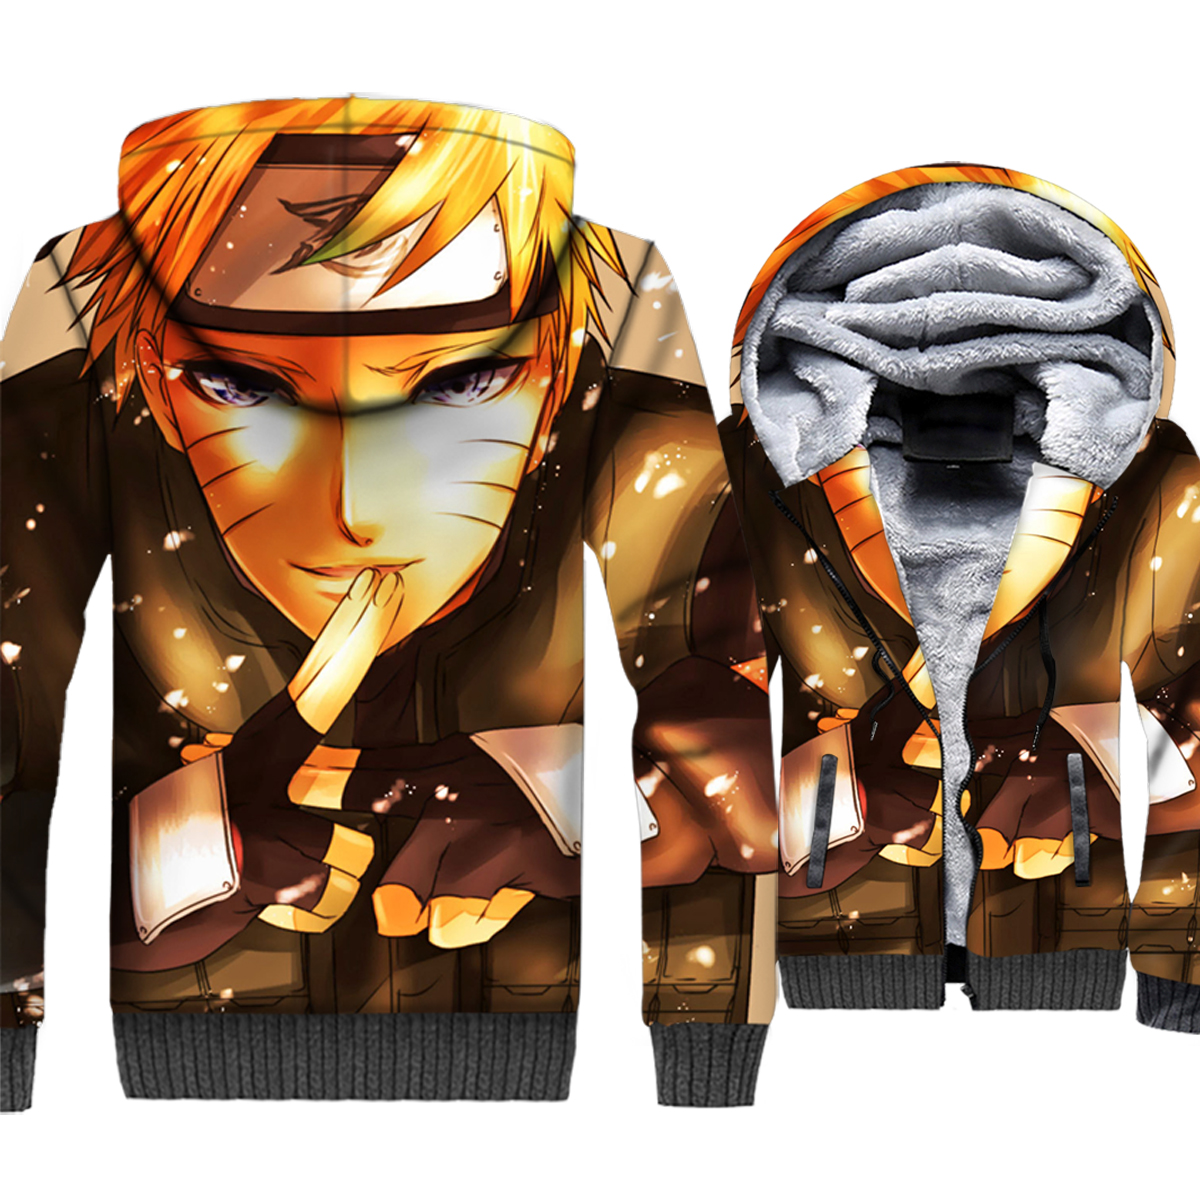 Naruto Uzumaki 3D Print Hoodie Men Japan Anime Harajuku Hooded Sweatshirt Winter Thick Fleece Zip up Coat Plus Size 5XL Jacket